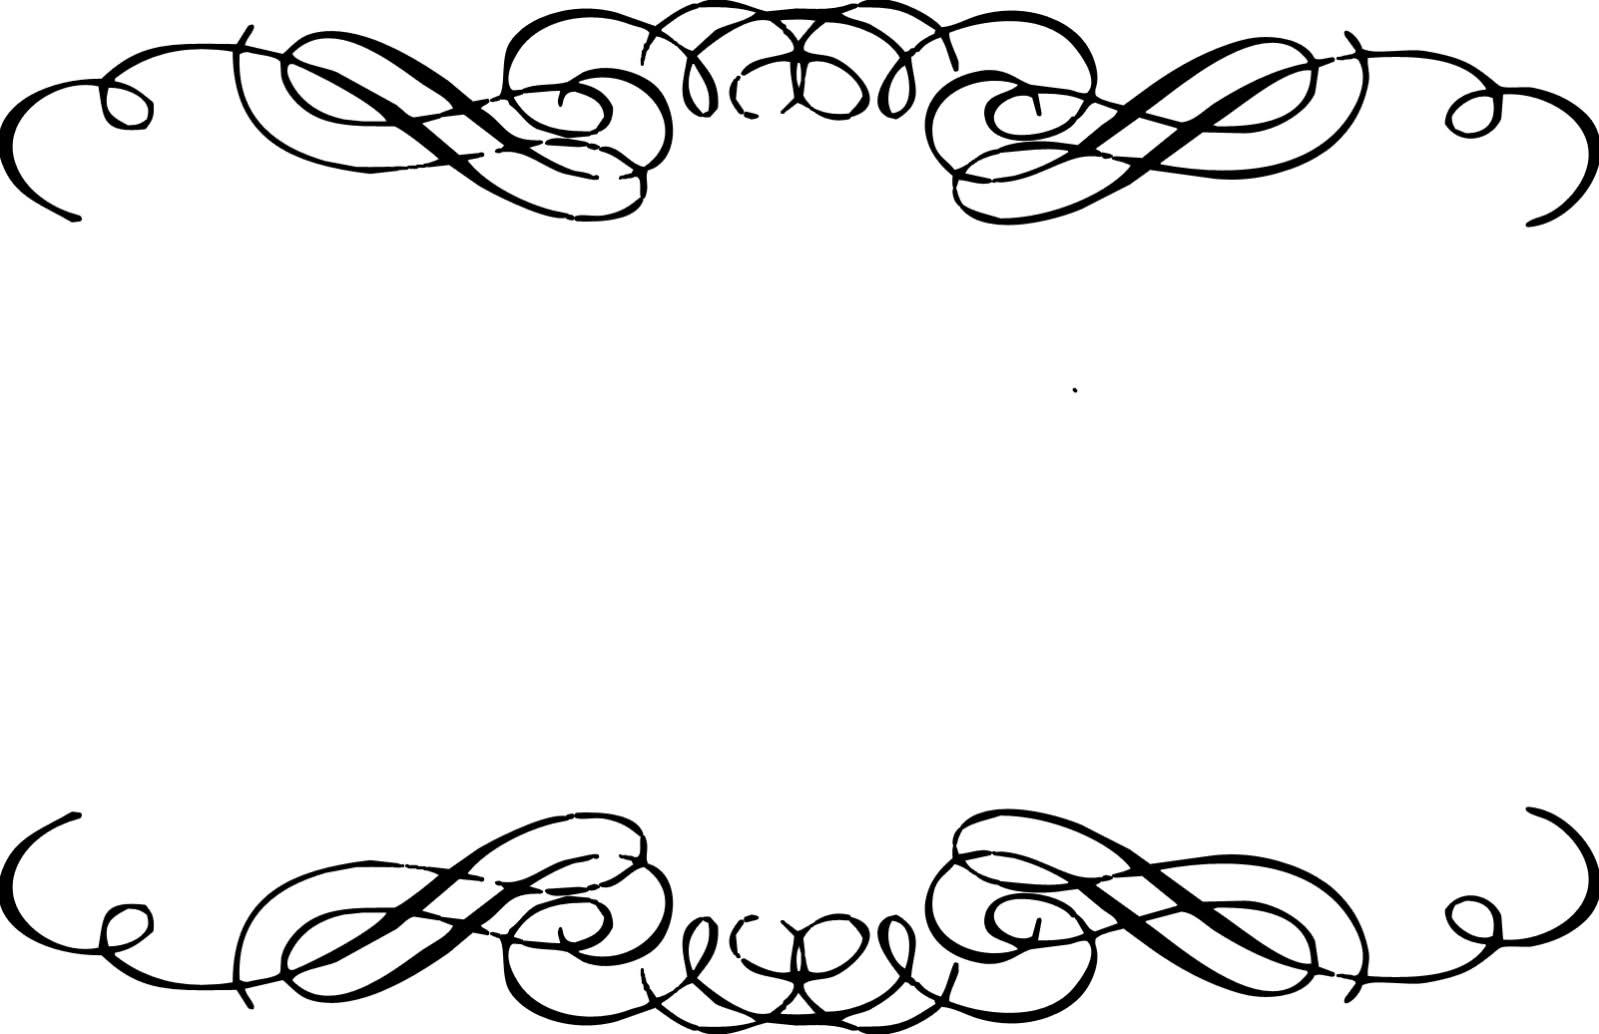 1599x1034 Decorative Swirl Clipart